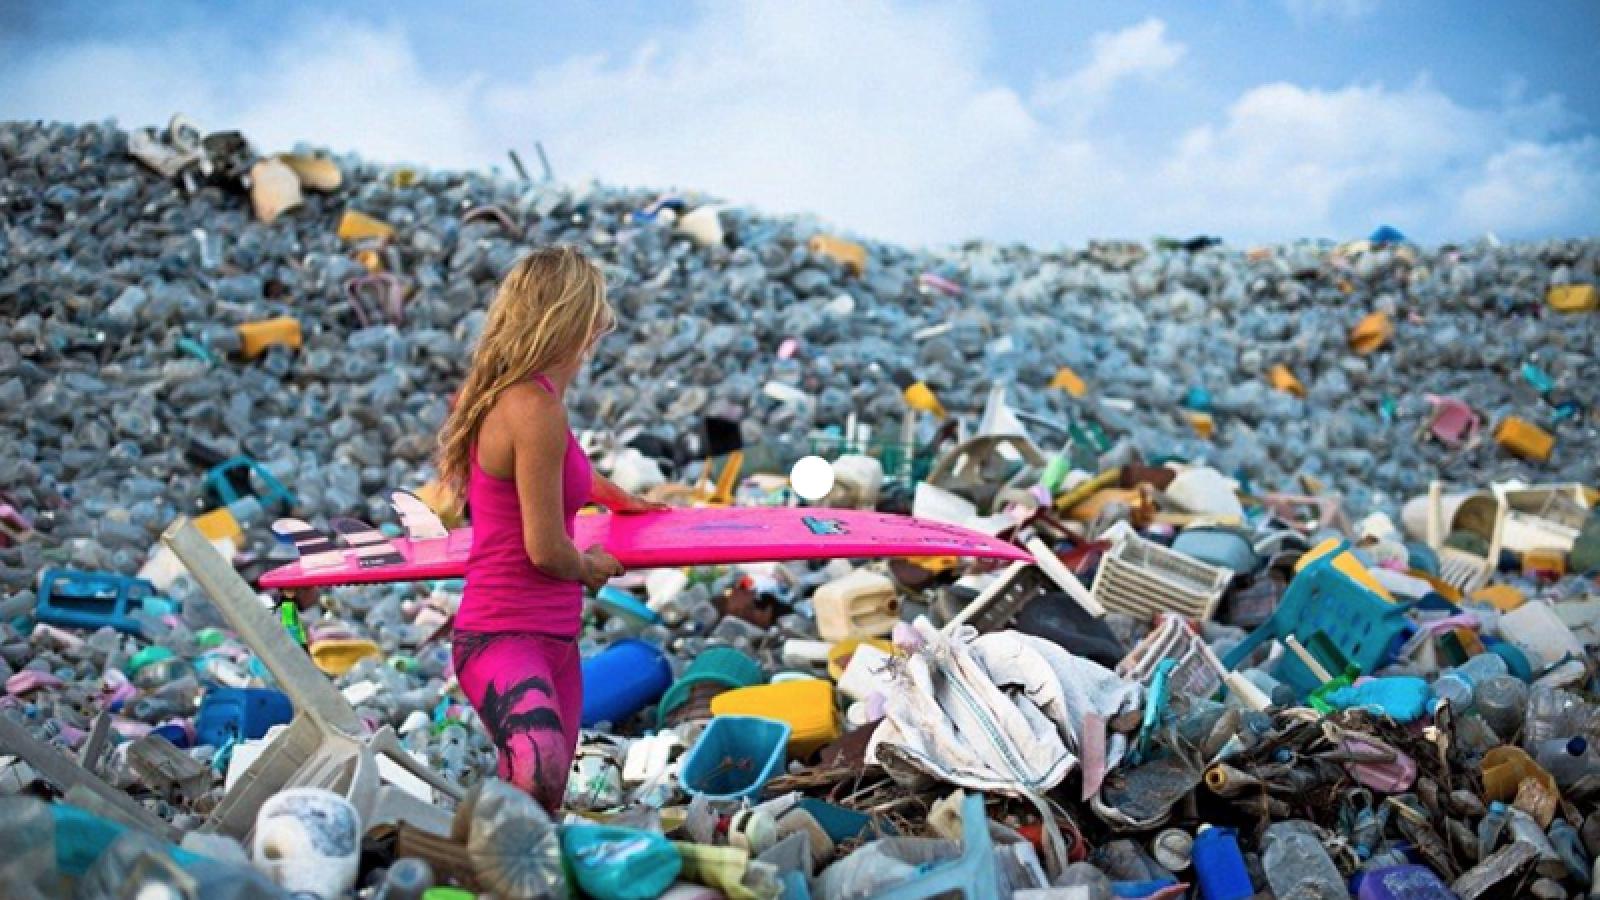 6 nhóm ngànhhàngphải thực hiện biện pháp tái chế